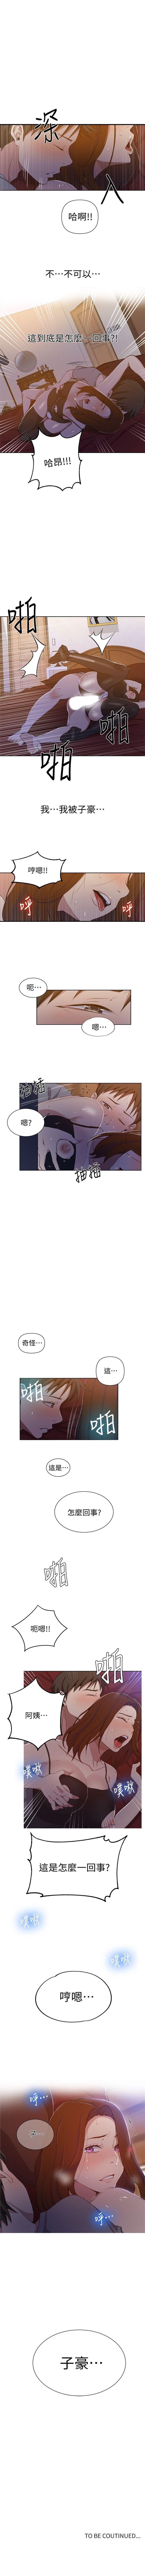 秘密教學  1-69 官方中文(連載中) 263